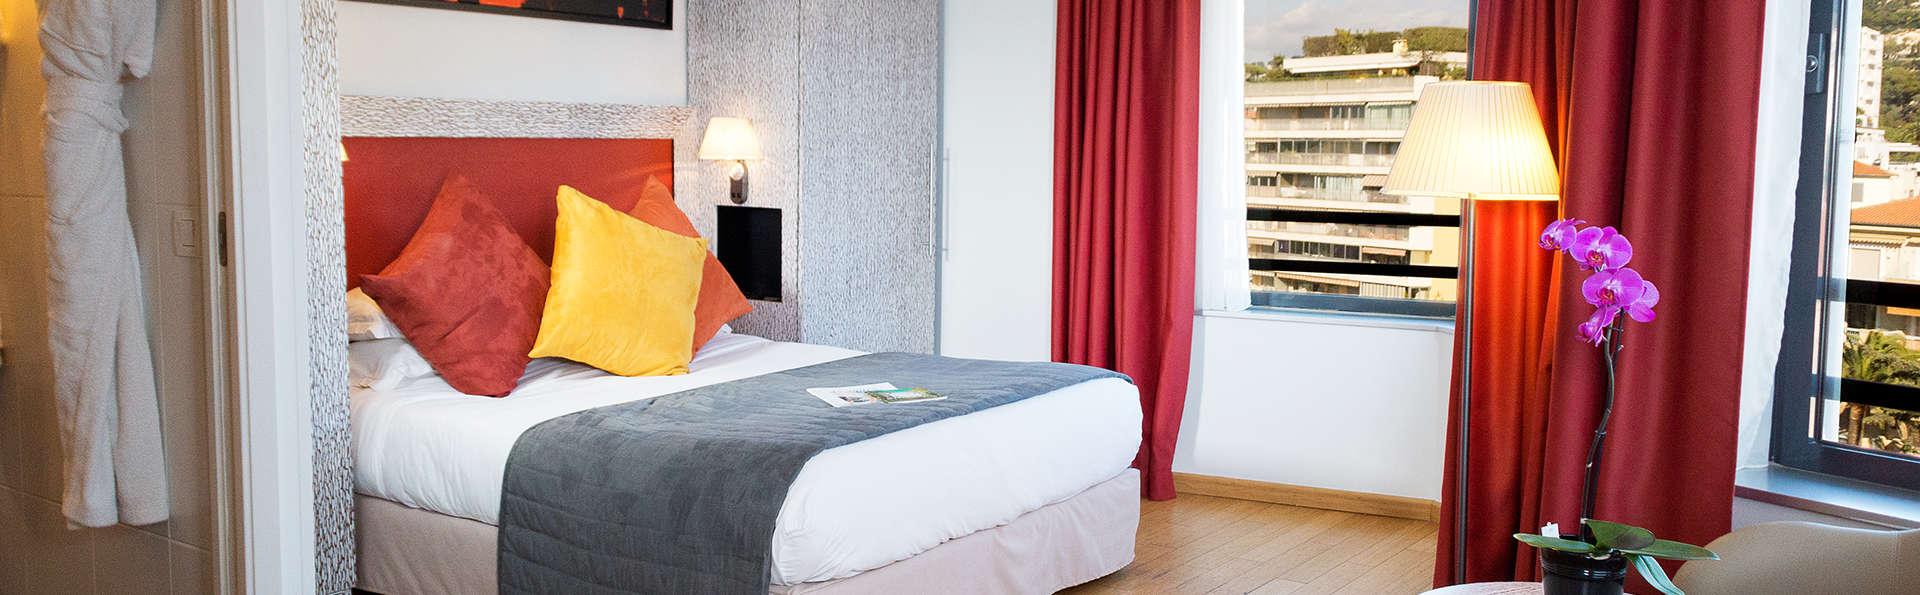 Eden Hotel & Spa - EDIT_NEW_Privilege.jpg